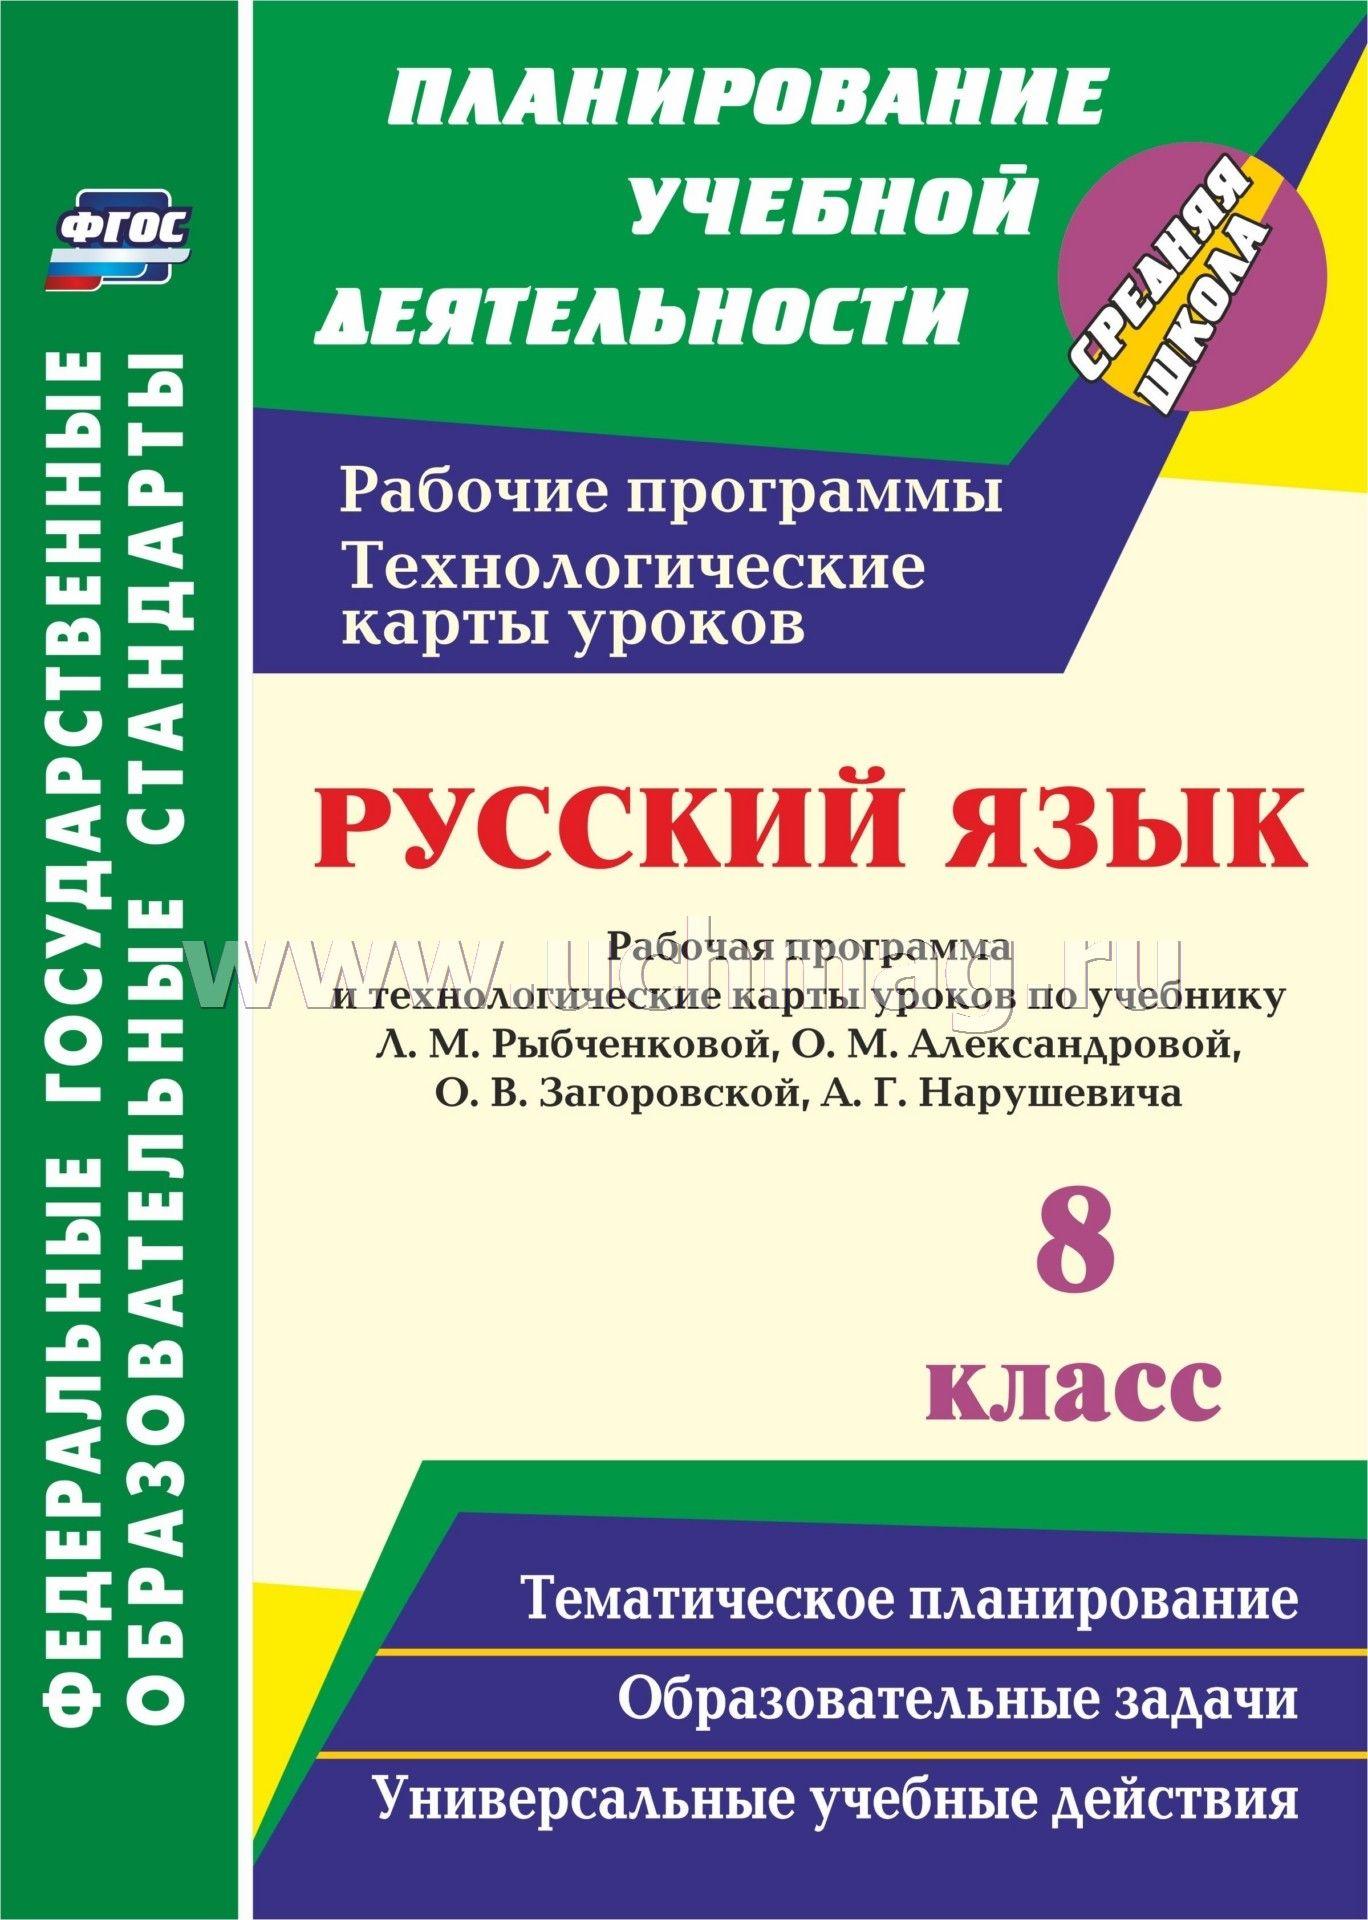 задания впр по русскому языку 8 класс